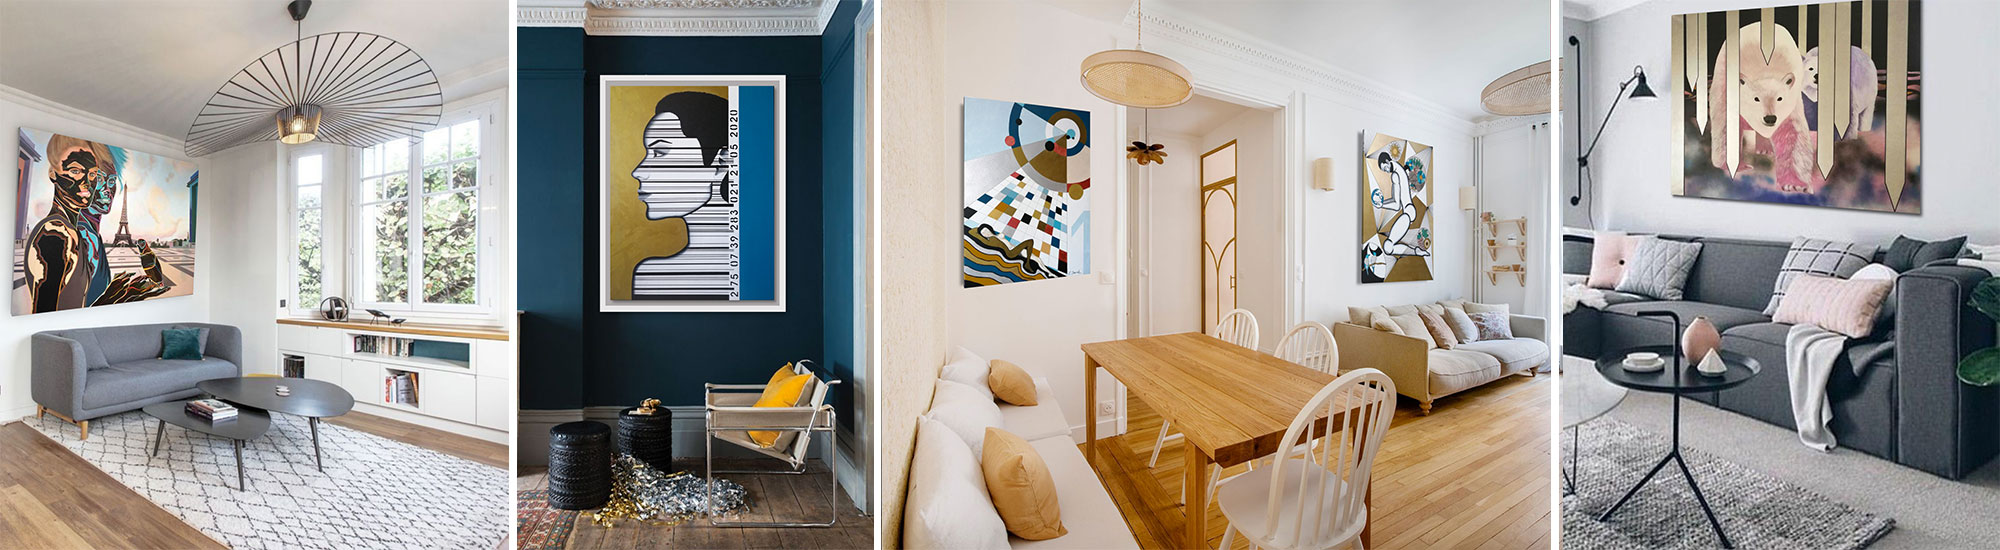 Présentation des tableaux d'art contemporain accrochés sur les murs dans sa maison